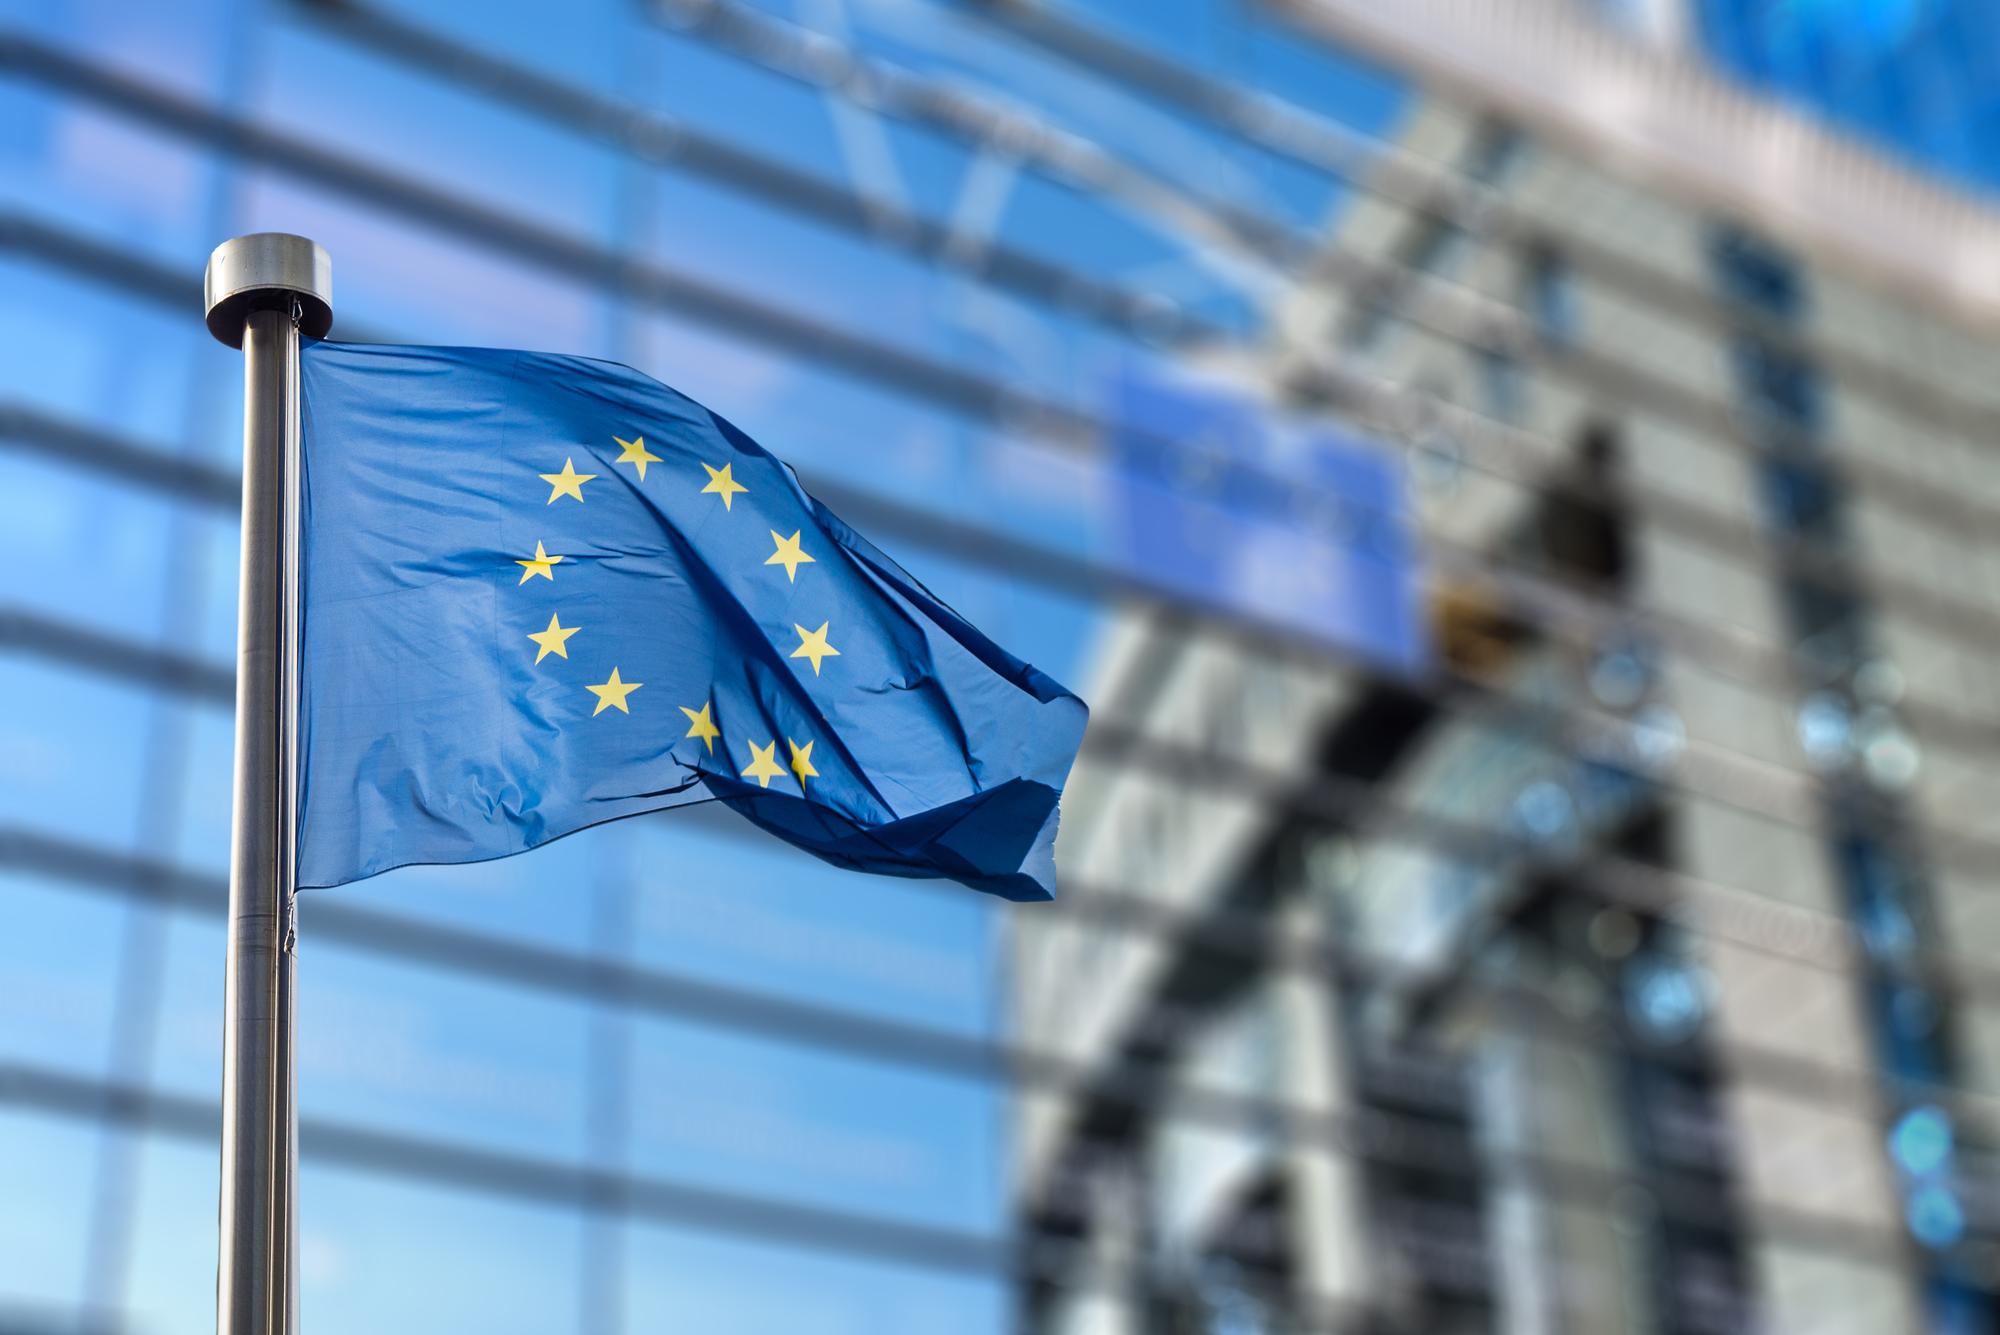 Kresťanskí demokrati podali kandidátnu listinu do eurovolieb